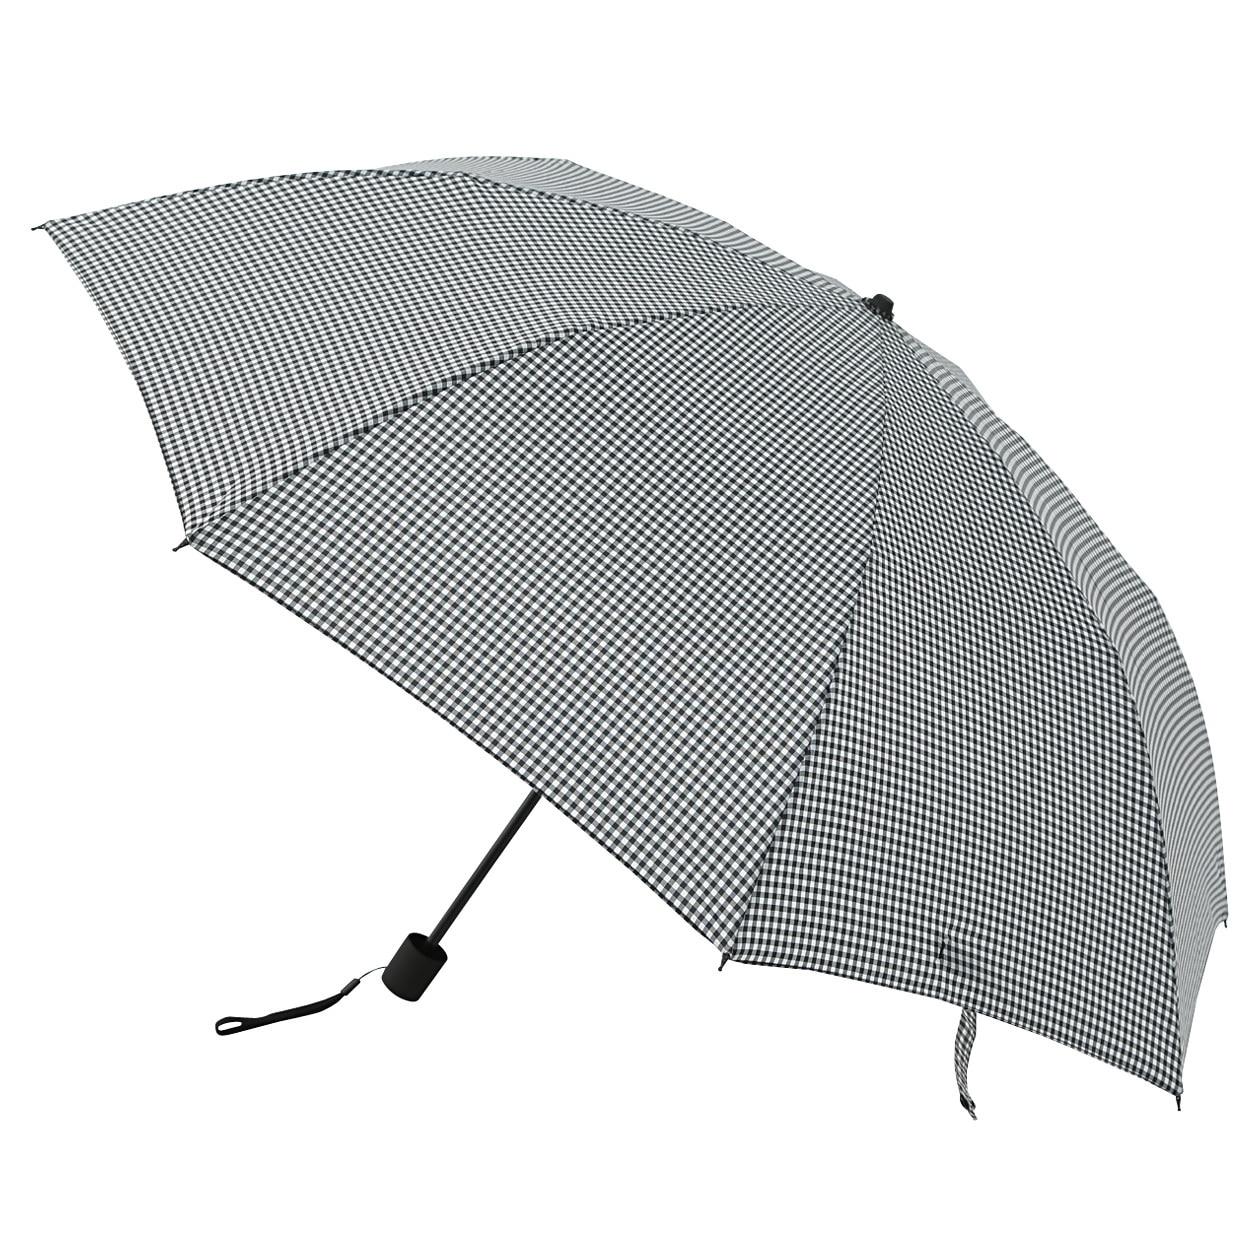 2通りにたためる 折りたたみ傘